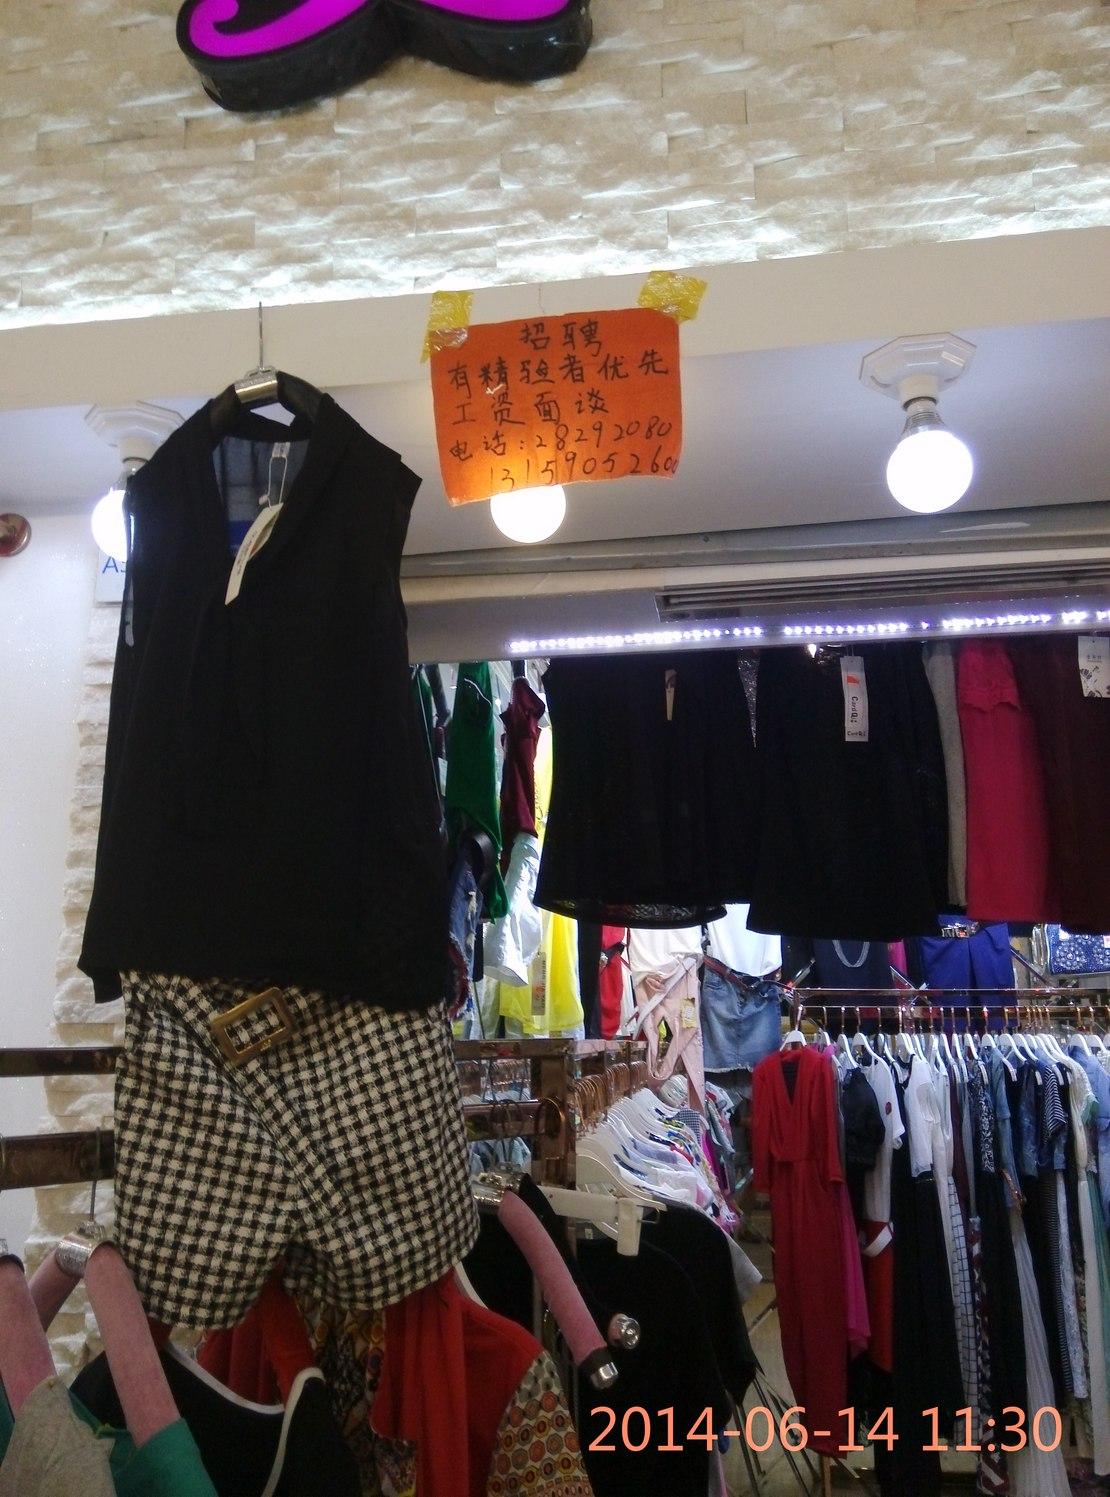 我想请问一下 你们这个女装店 是只招男销售员吗?